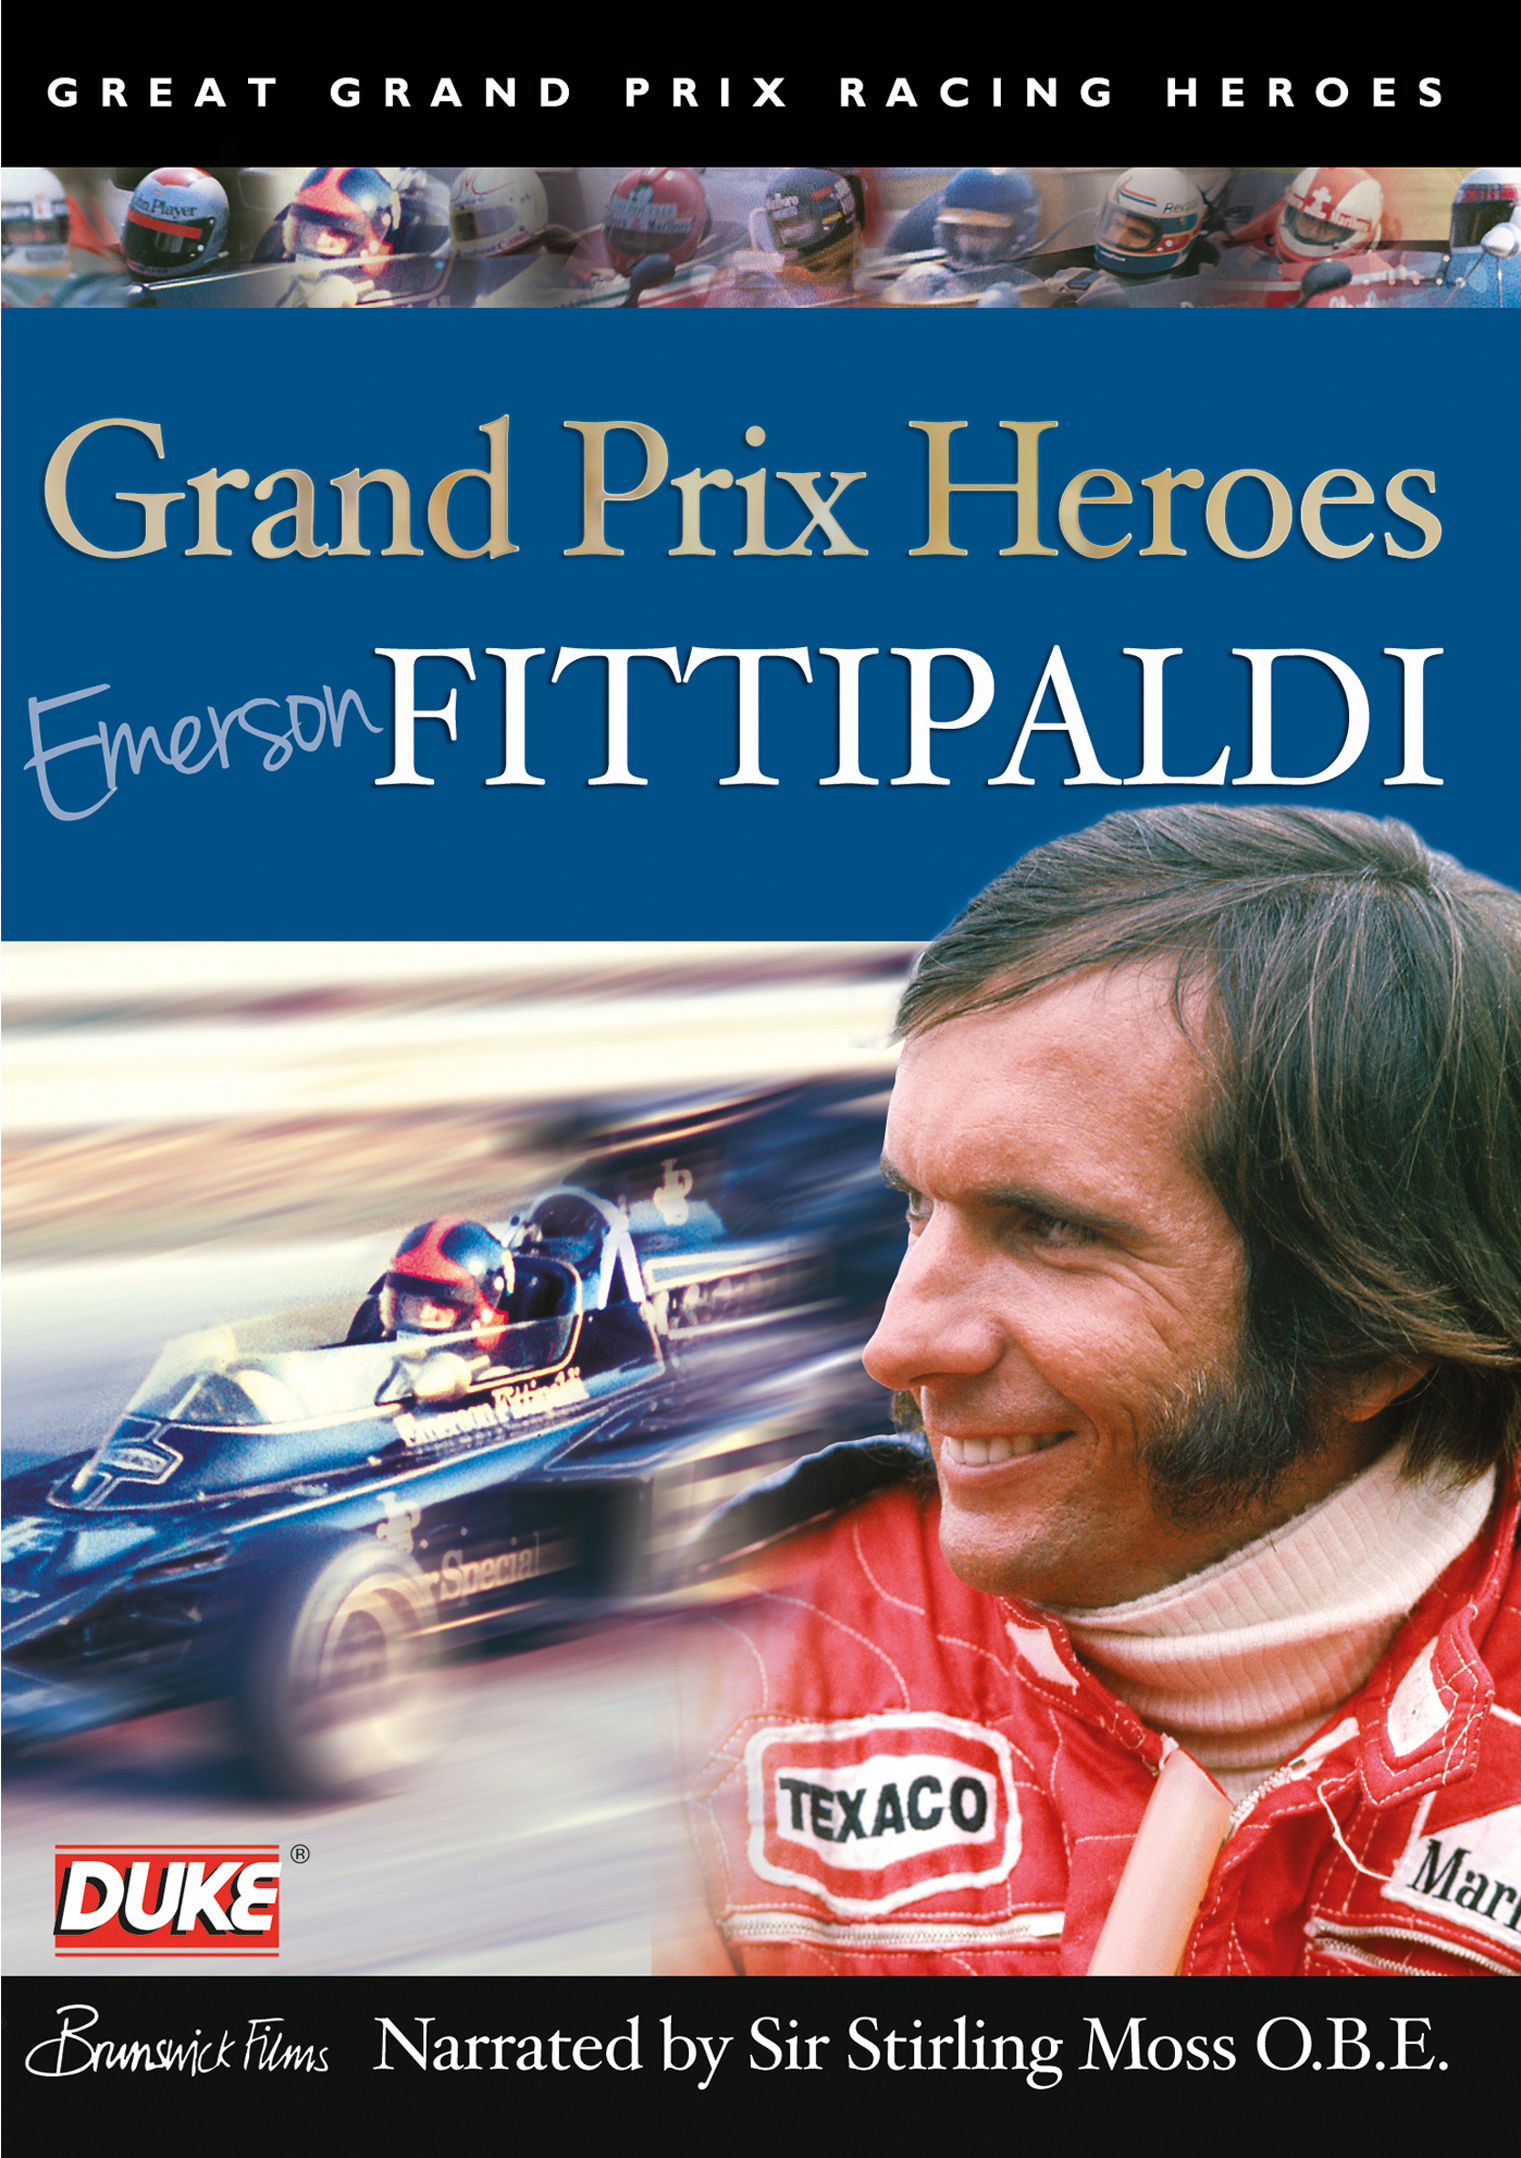 Grand Prix Heroes: Emerson Fittipaldi